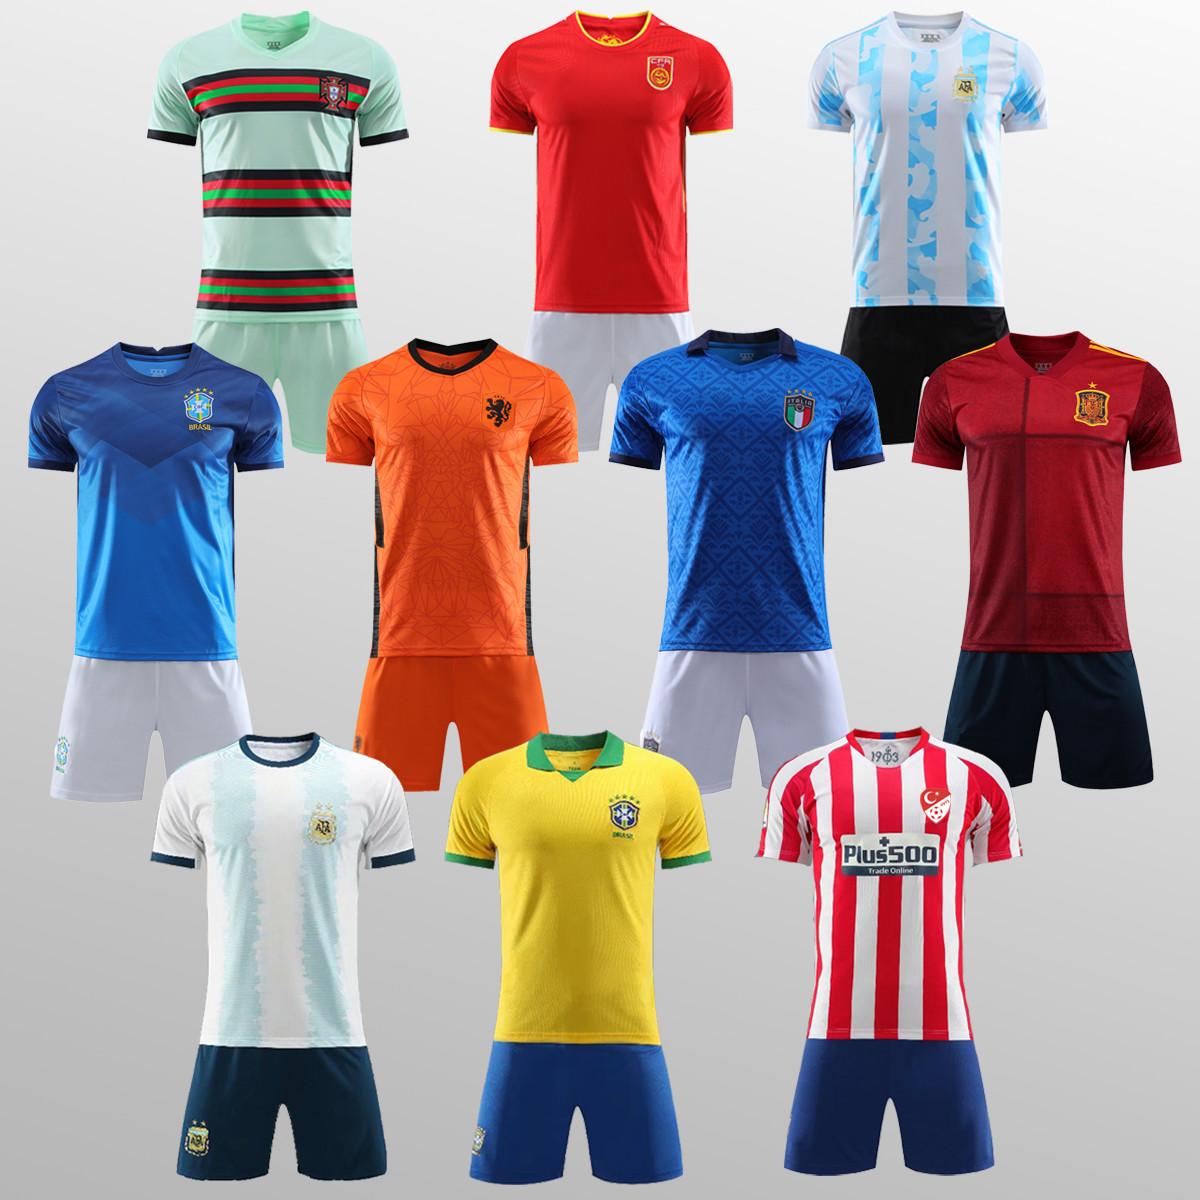 足球服套装2021欧洲杯球衣法国意大利葡萄牙比利时定制训练服男女